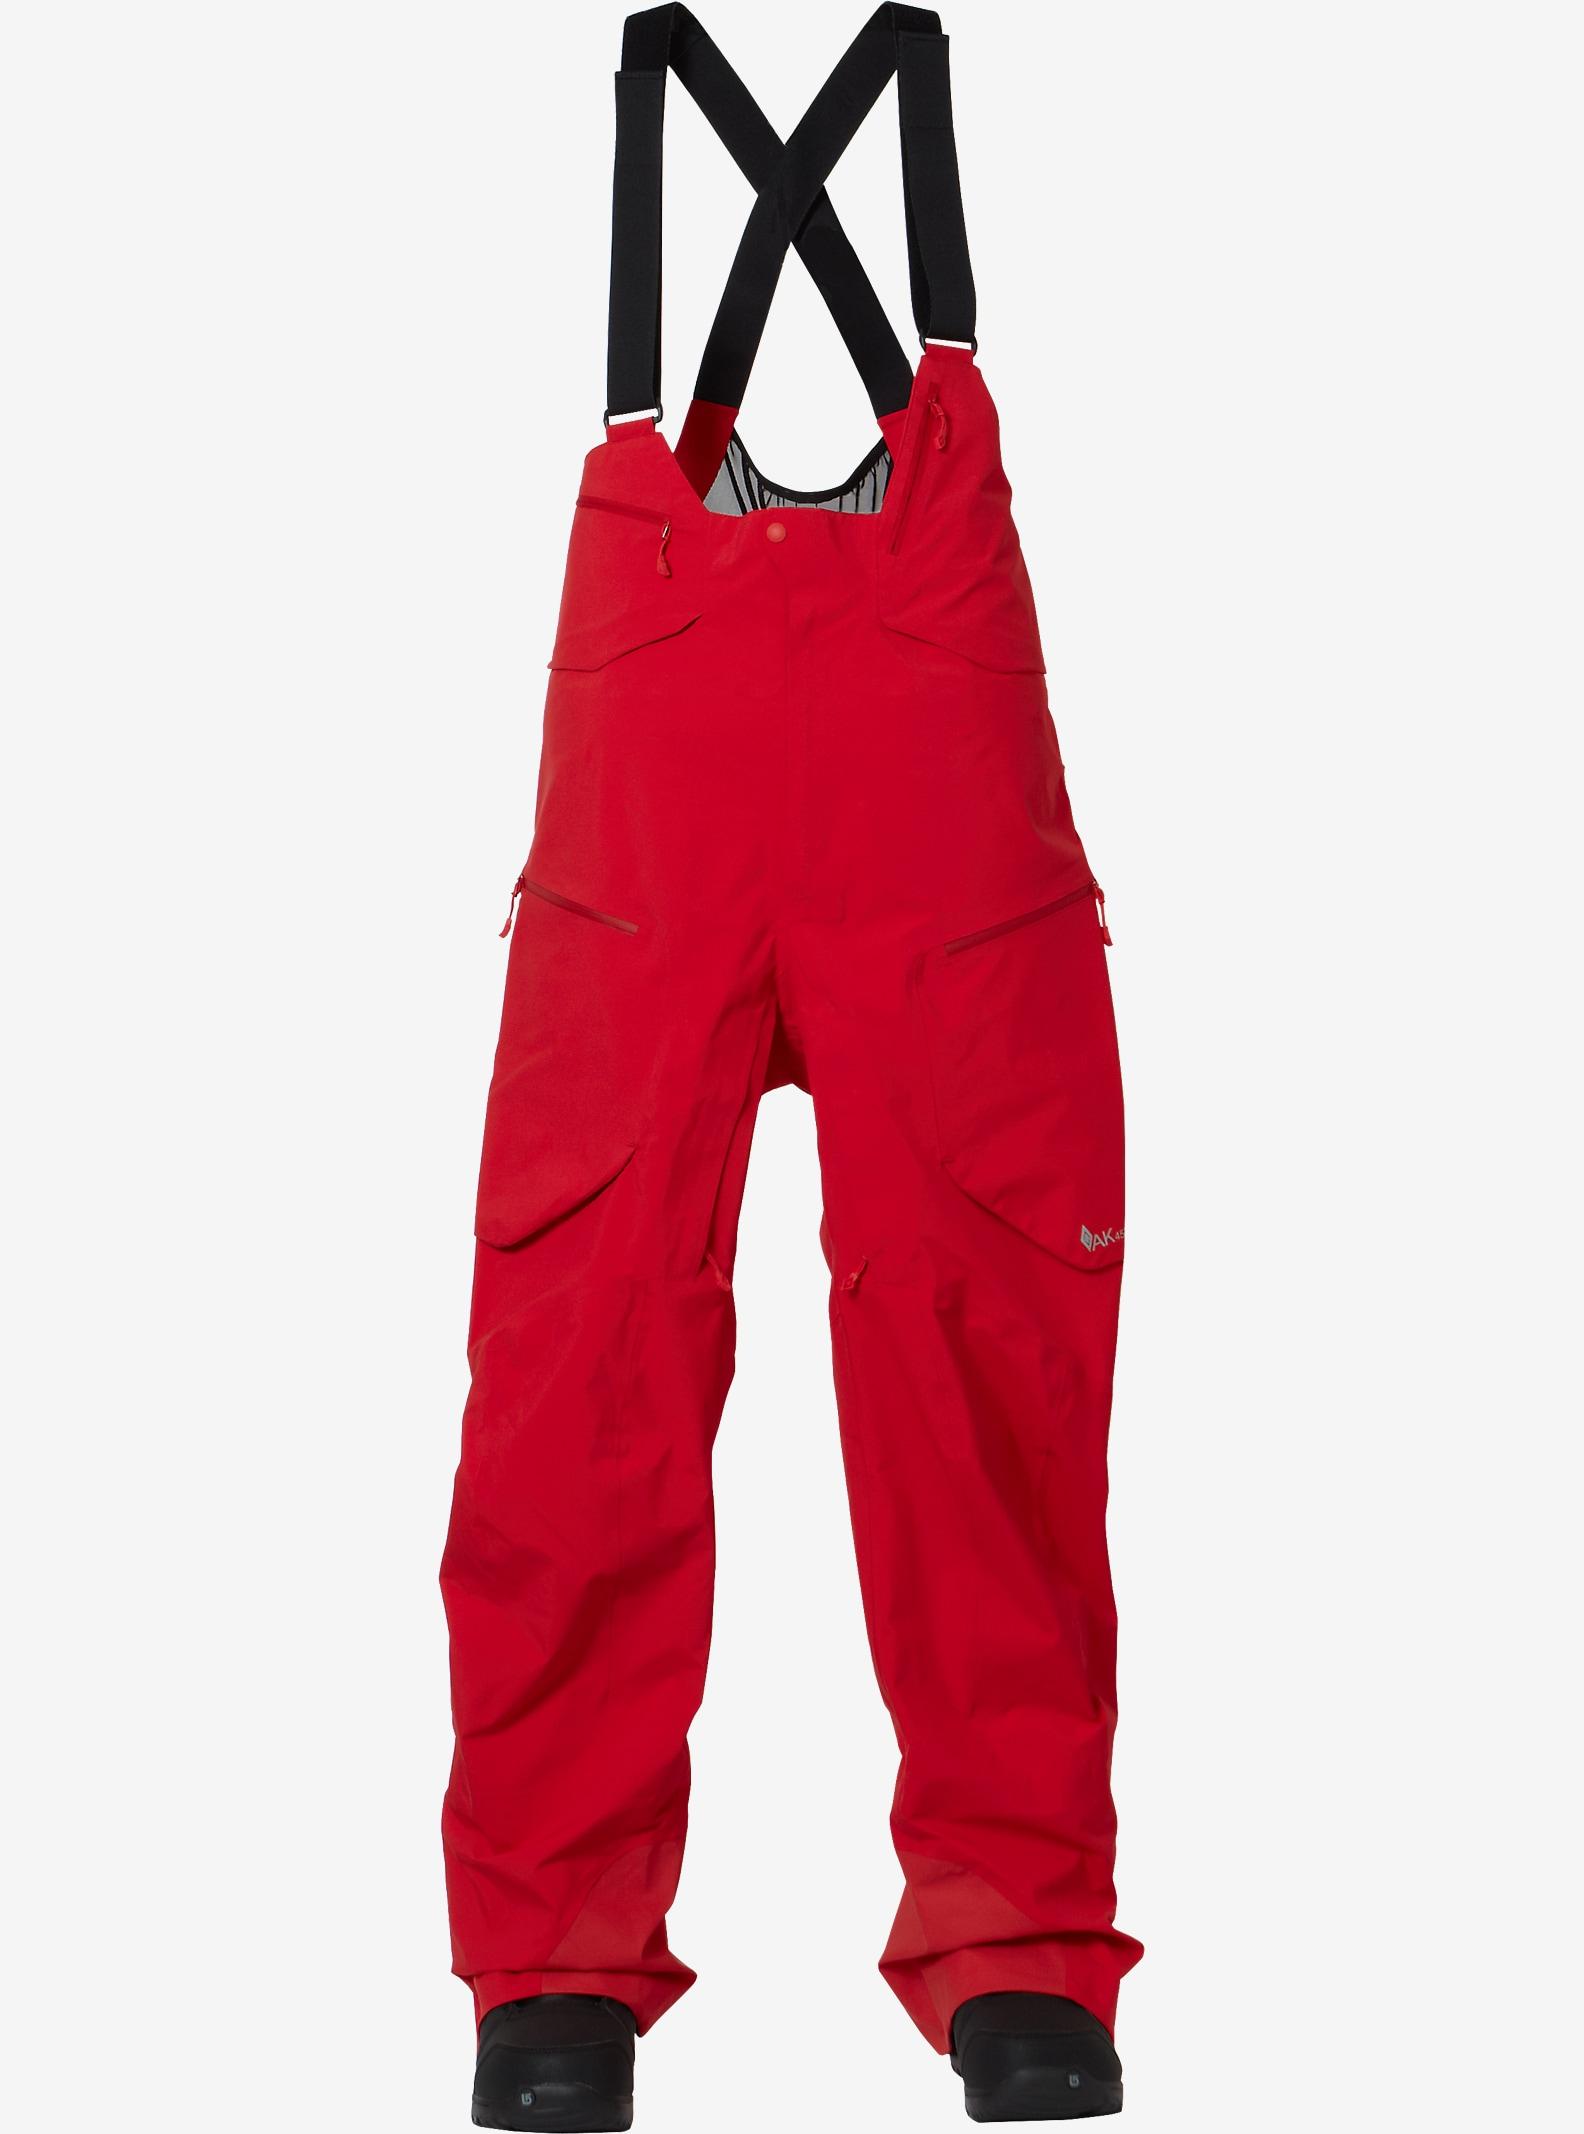 Burton - Pantalon [ak] 457L Hi-Top affichage en Red